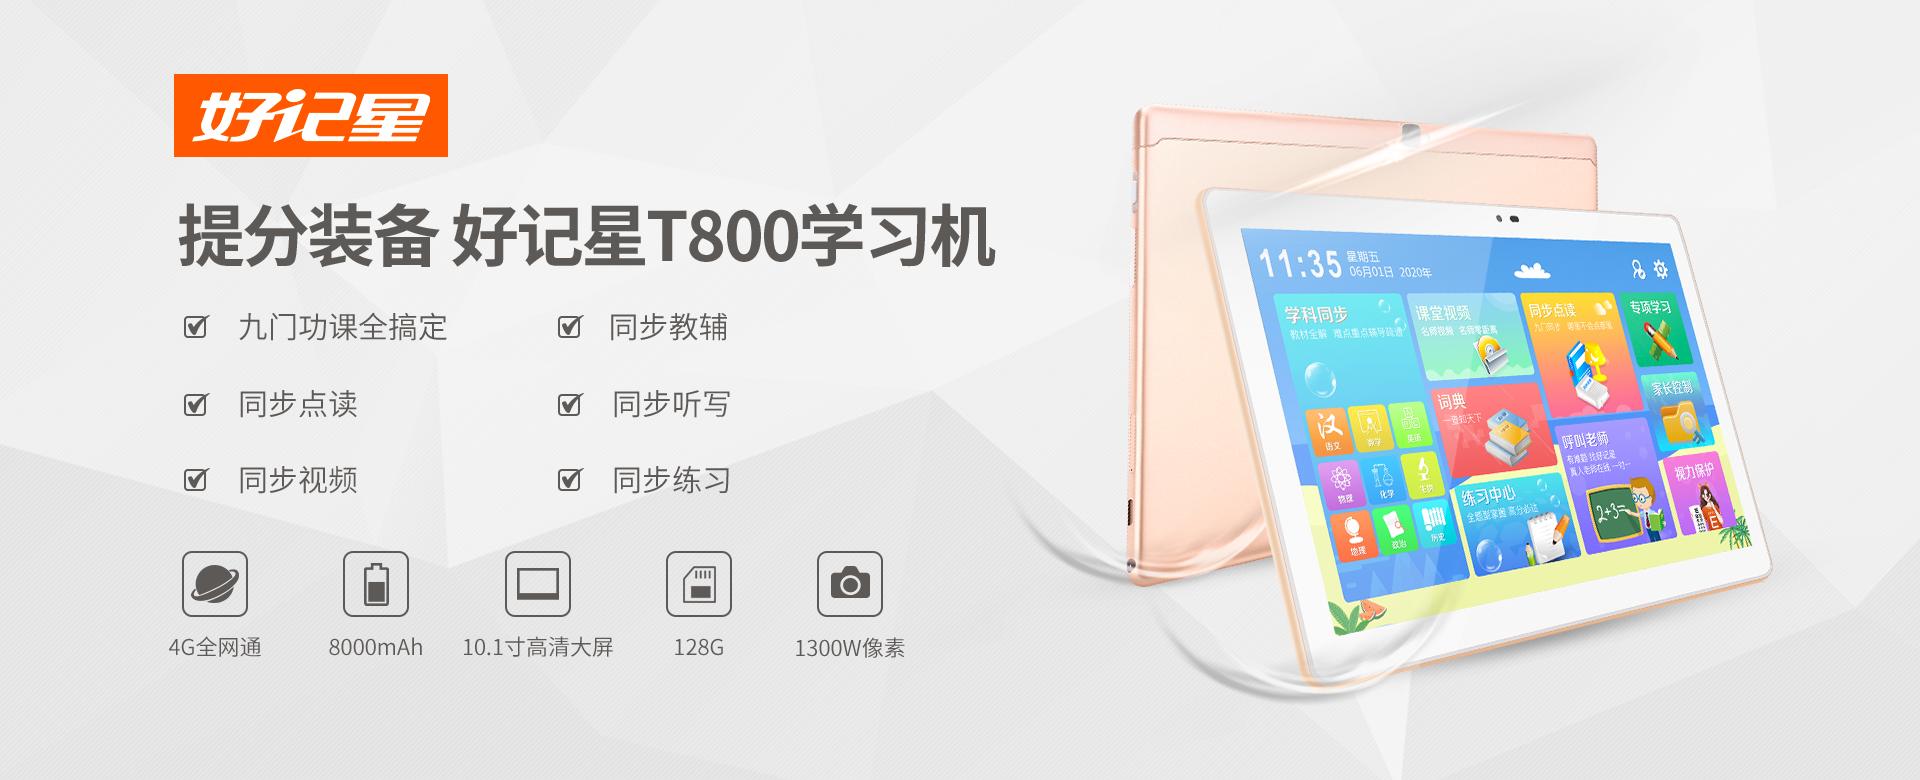 T800-产品